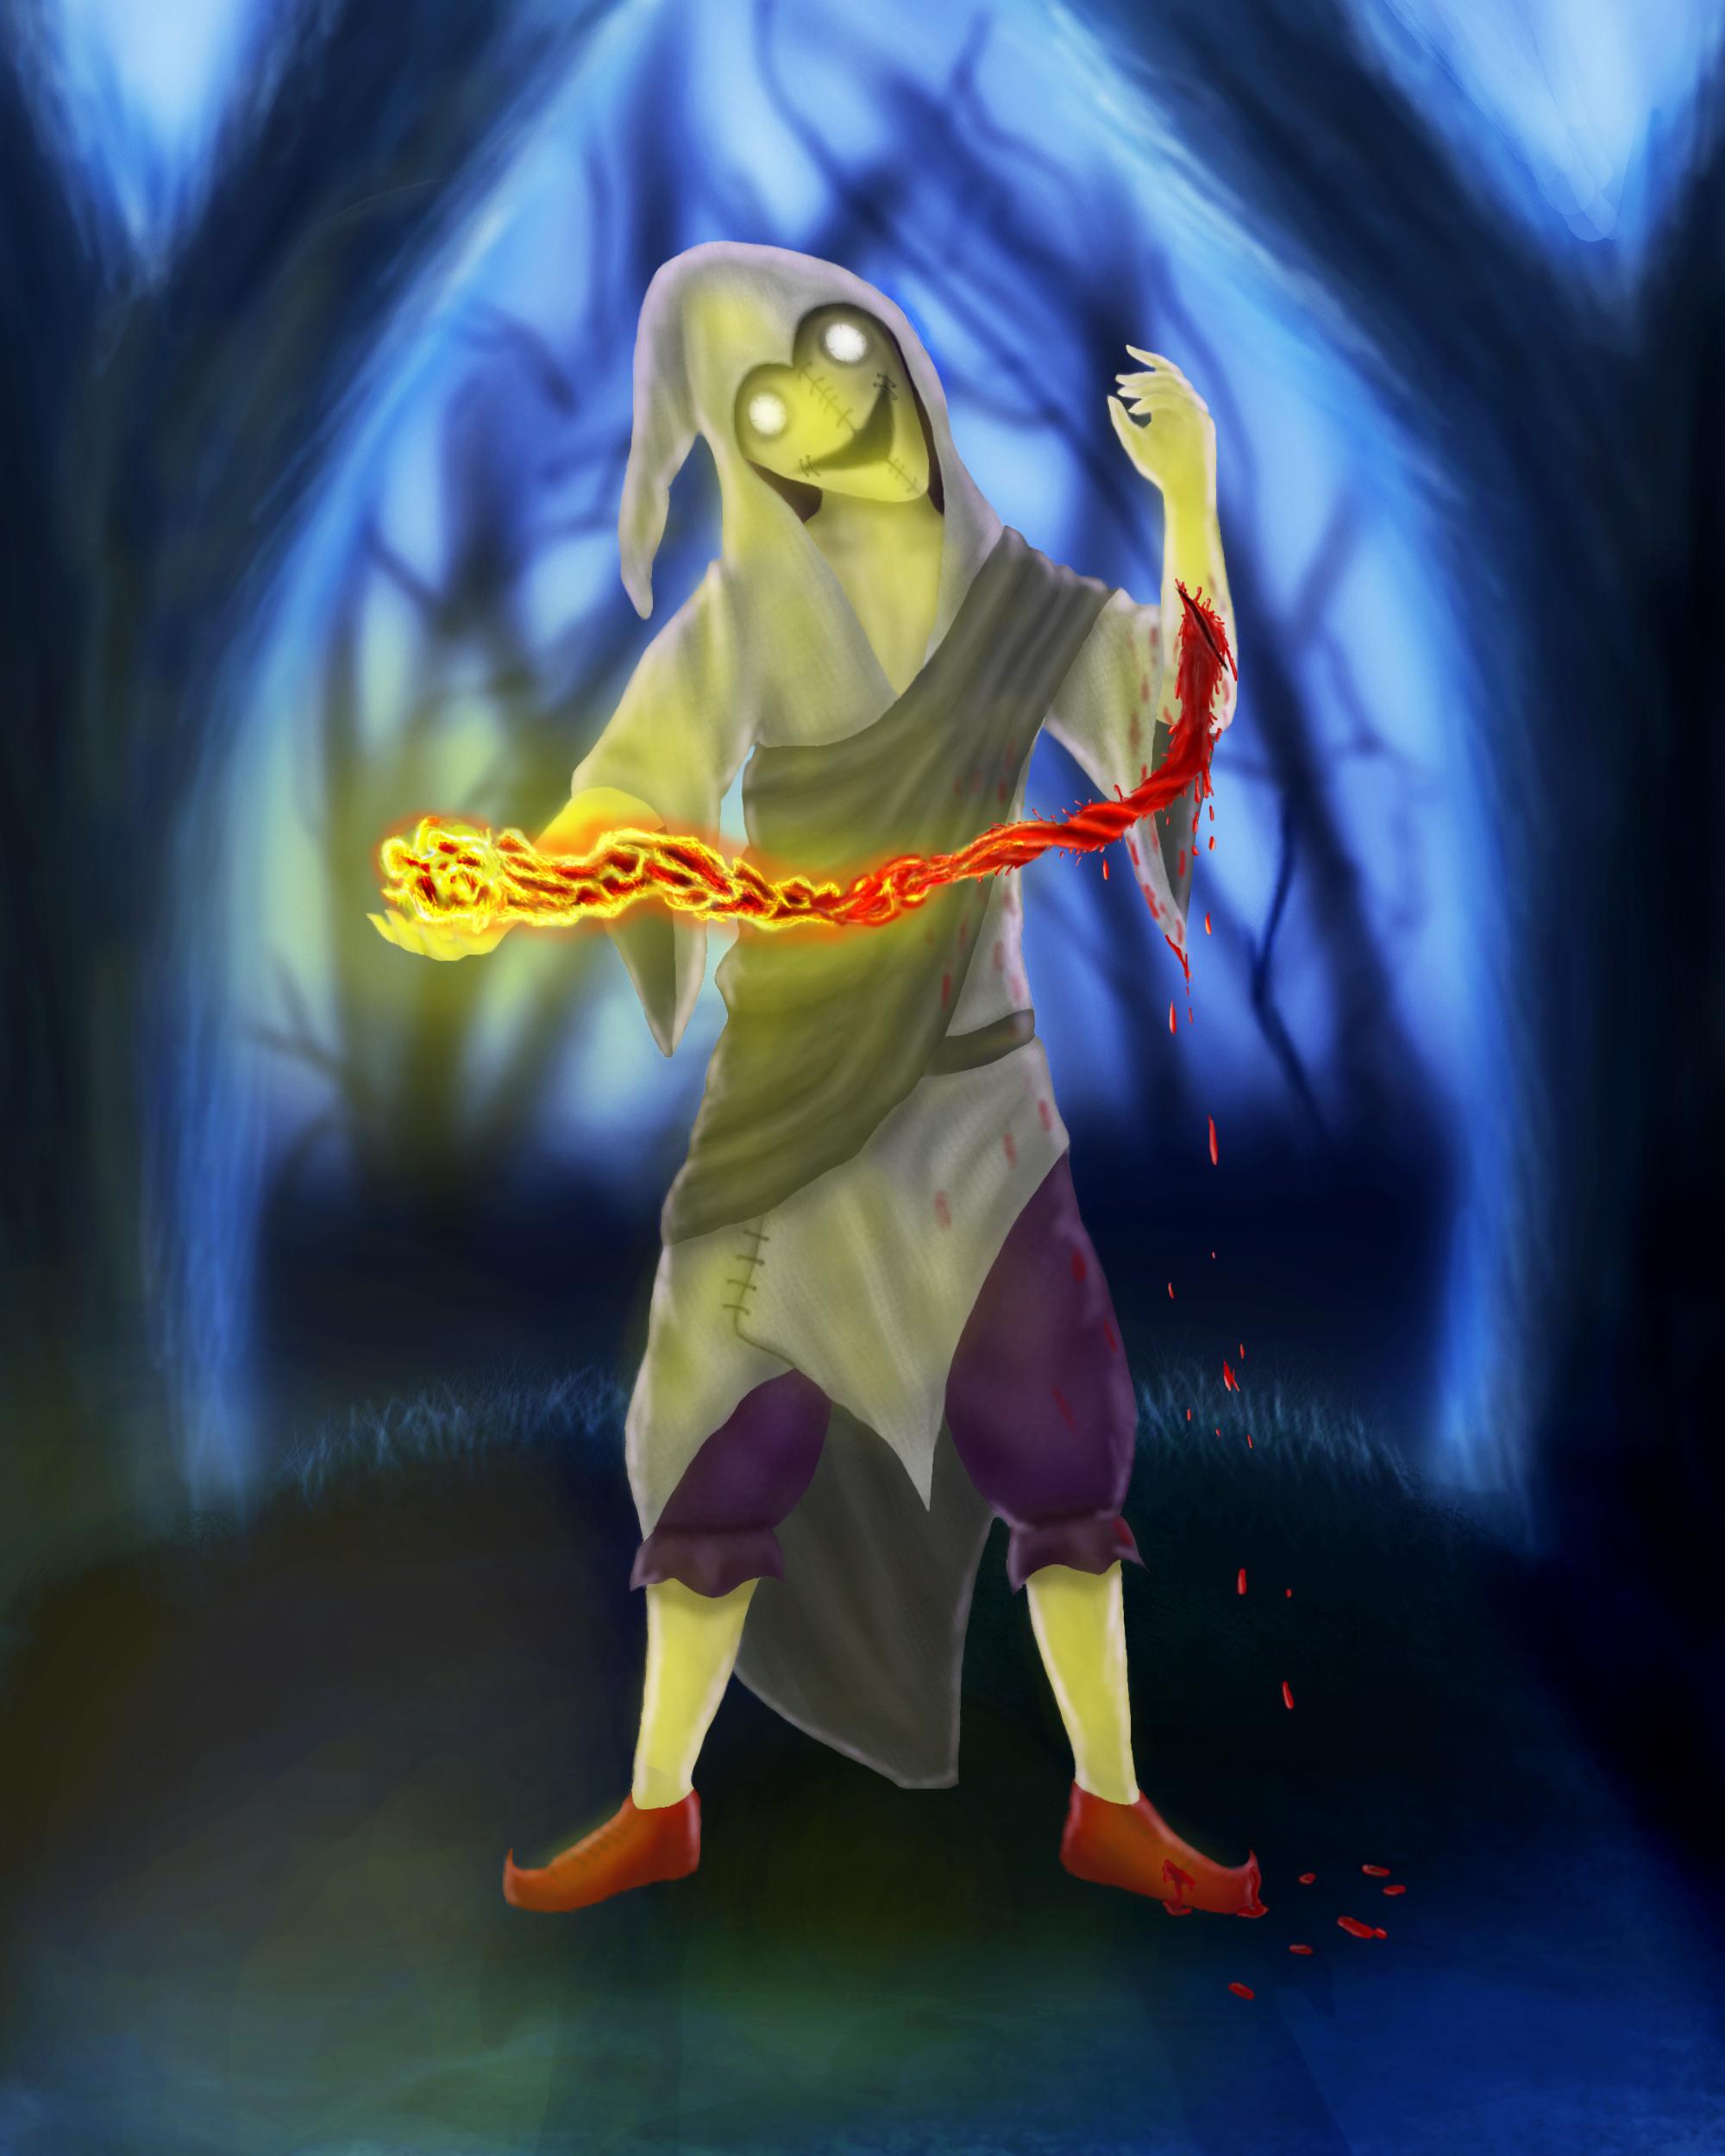 blood warlock guy